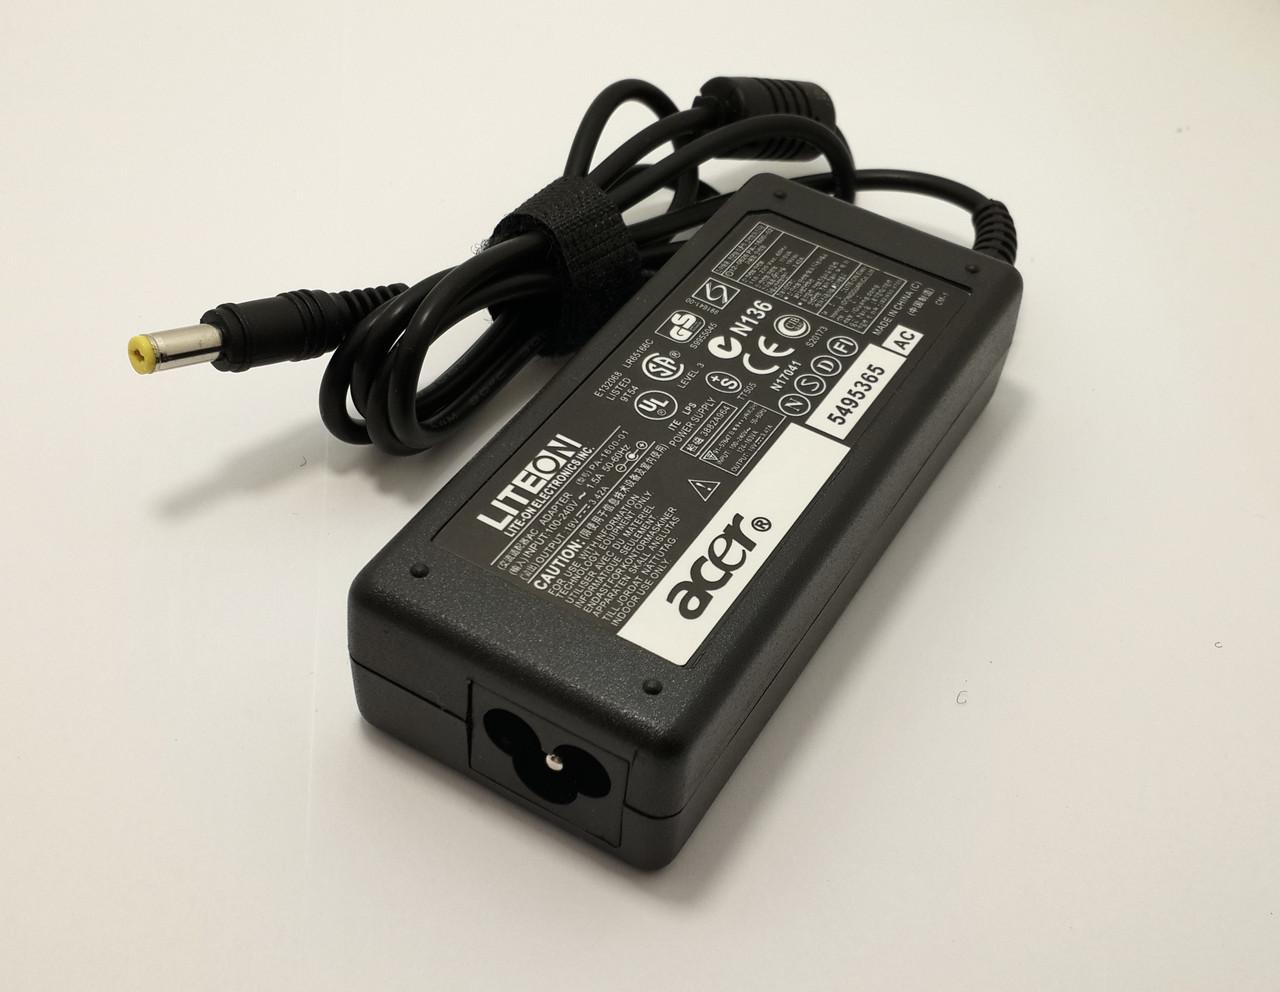 Блок питания для ноутбука Acer Aspire 4220 19V 3.42A 65W